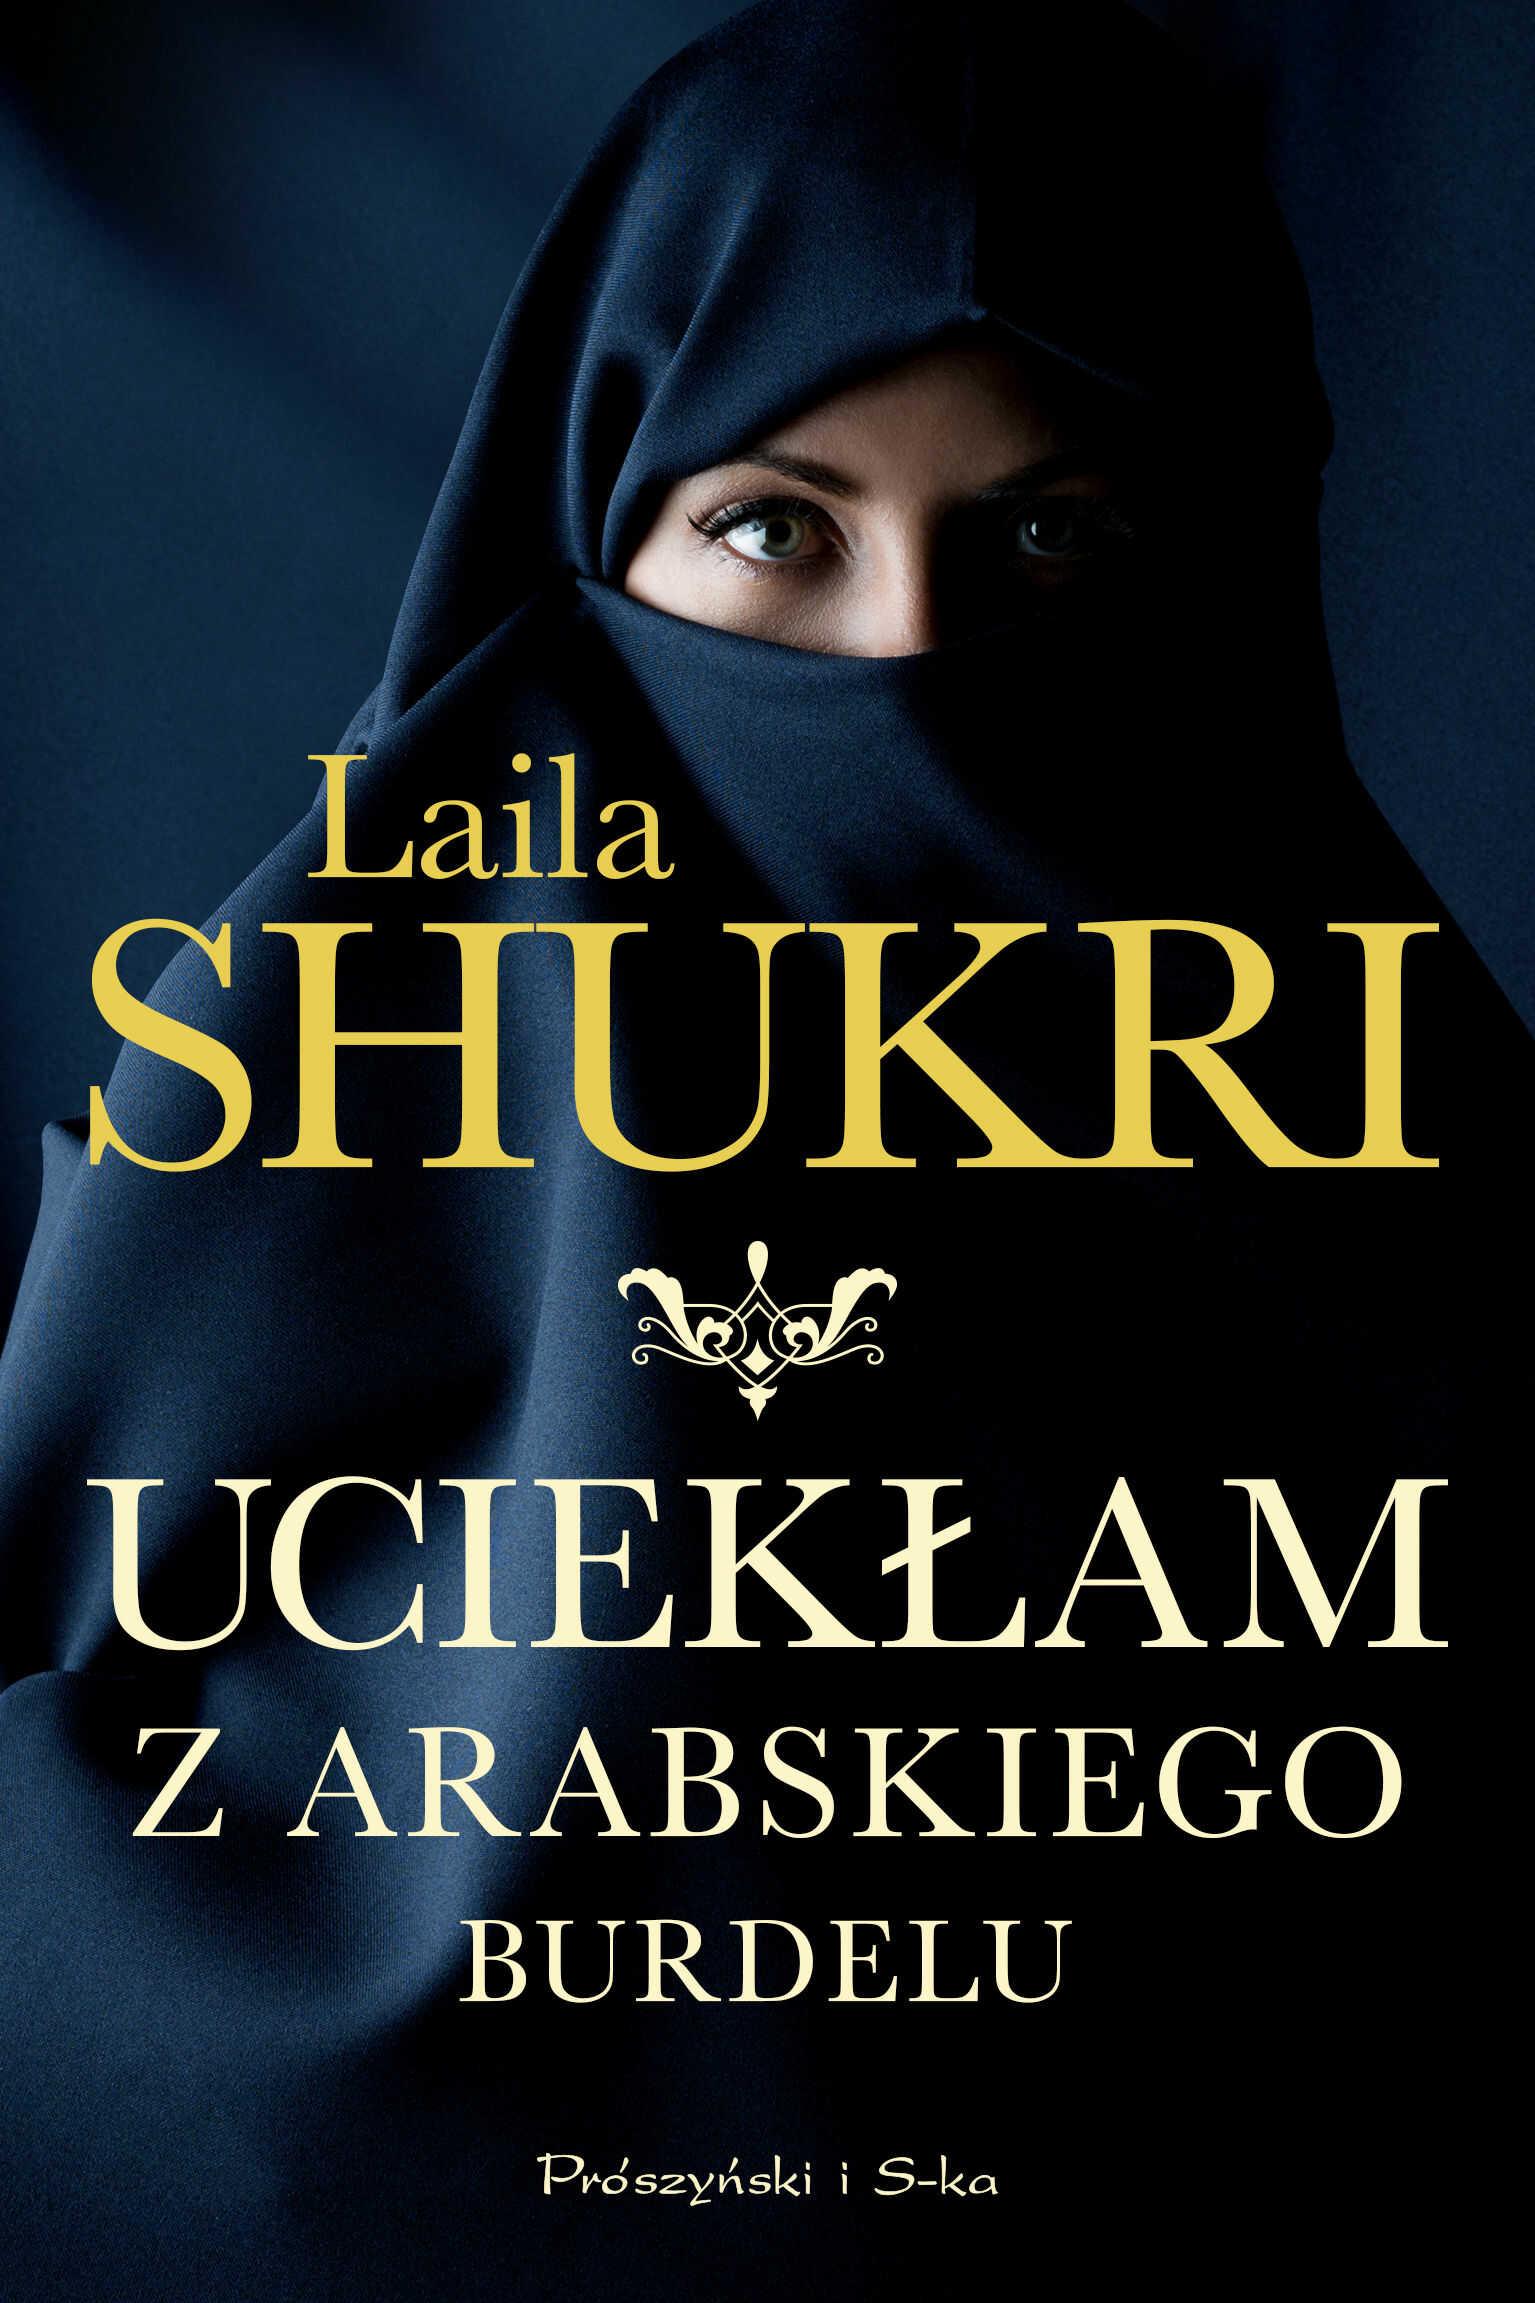 Uciekłam z arabskiego burdelu - Laila Shukri - ebook